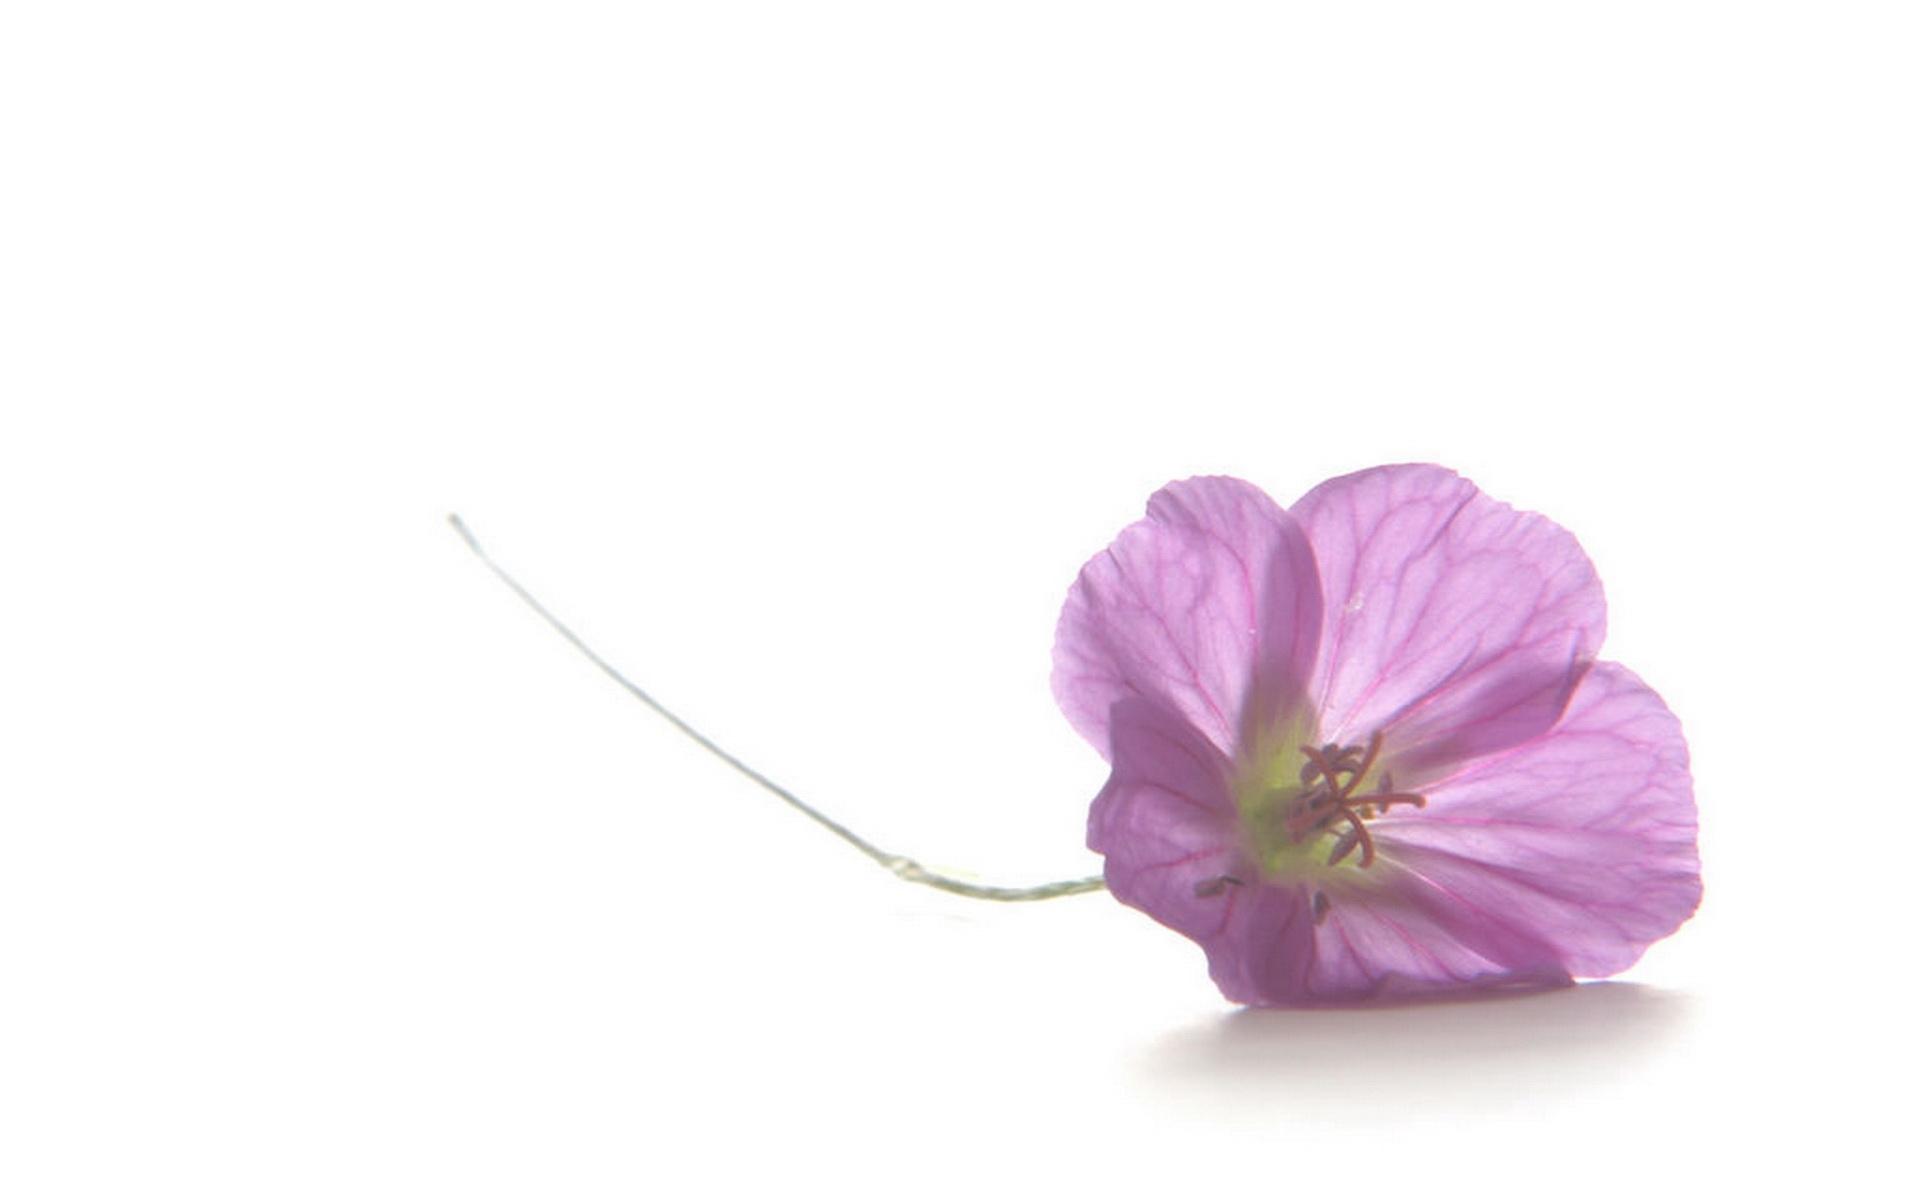 7551 скачать обои Растения, Цветы, Фон - заставки и картинки бесплатно